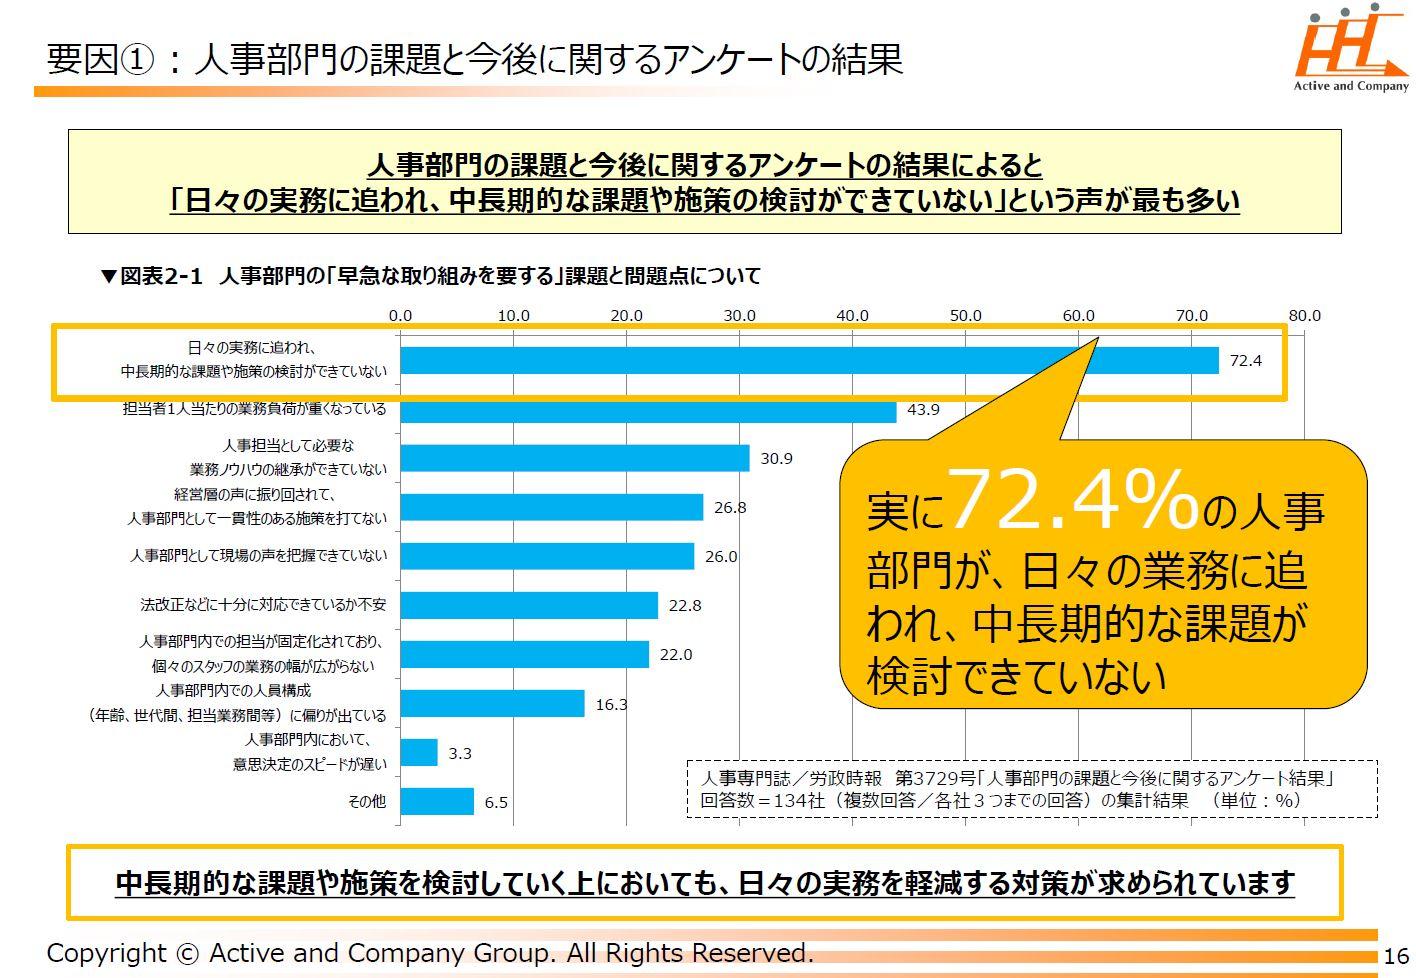 人事総務部門は実に72.4%が日々の業務に追われている